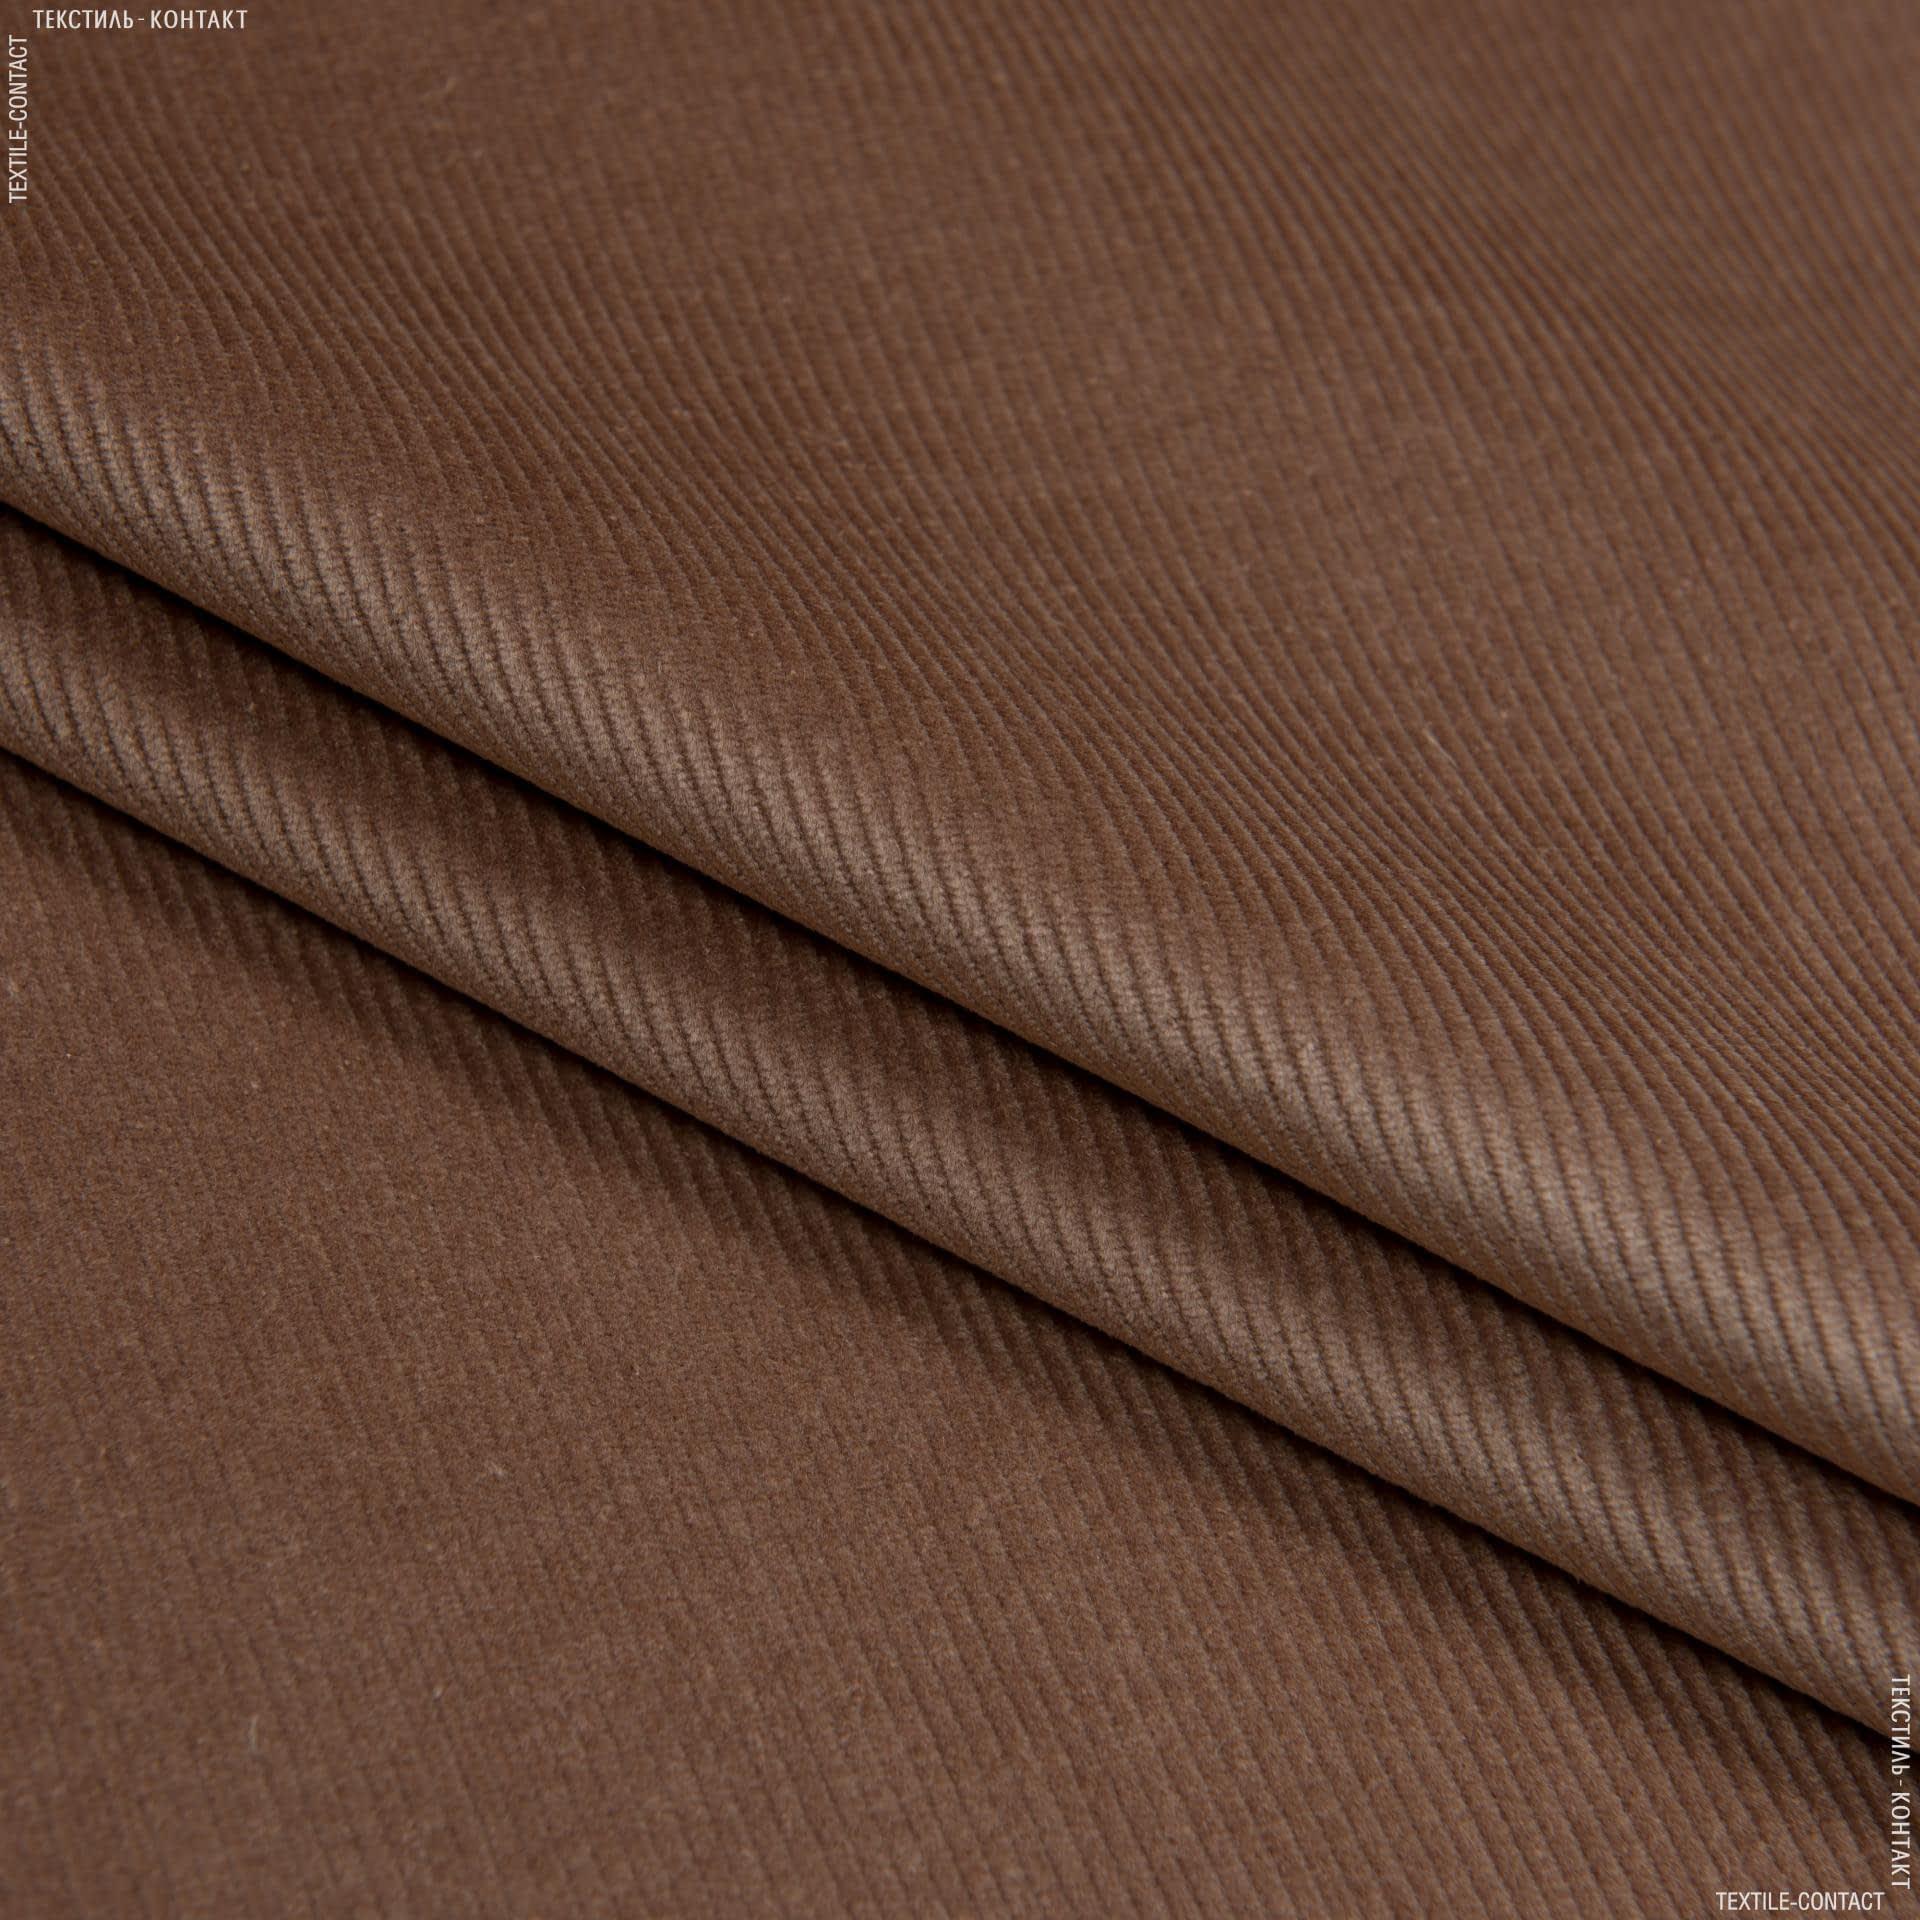 Ткани для верхней одежды - Вельвет классик светло-коричневый